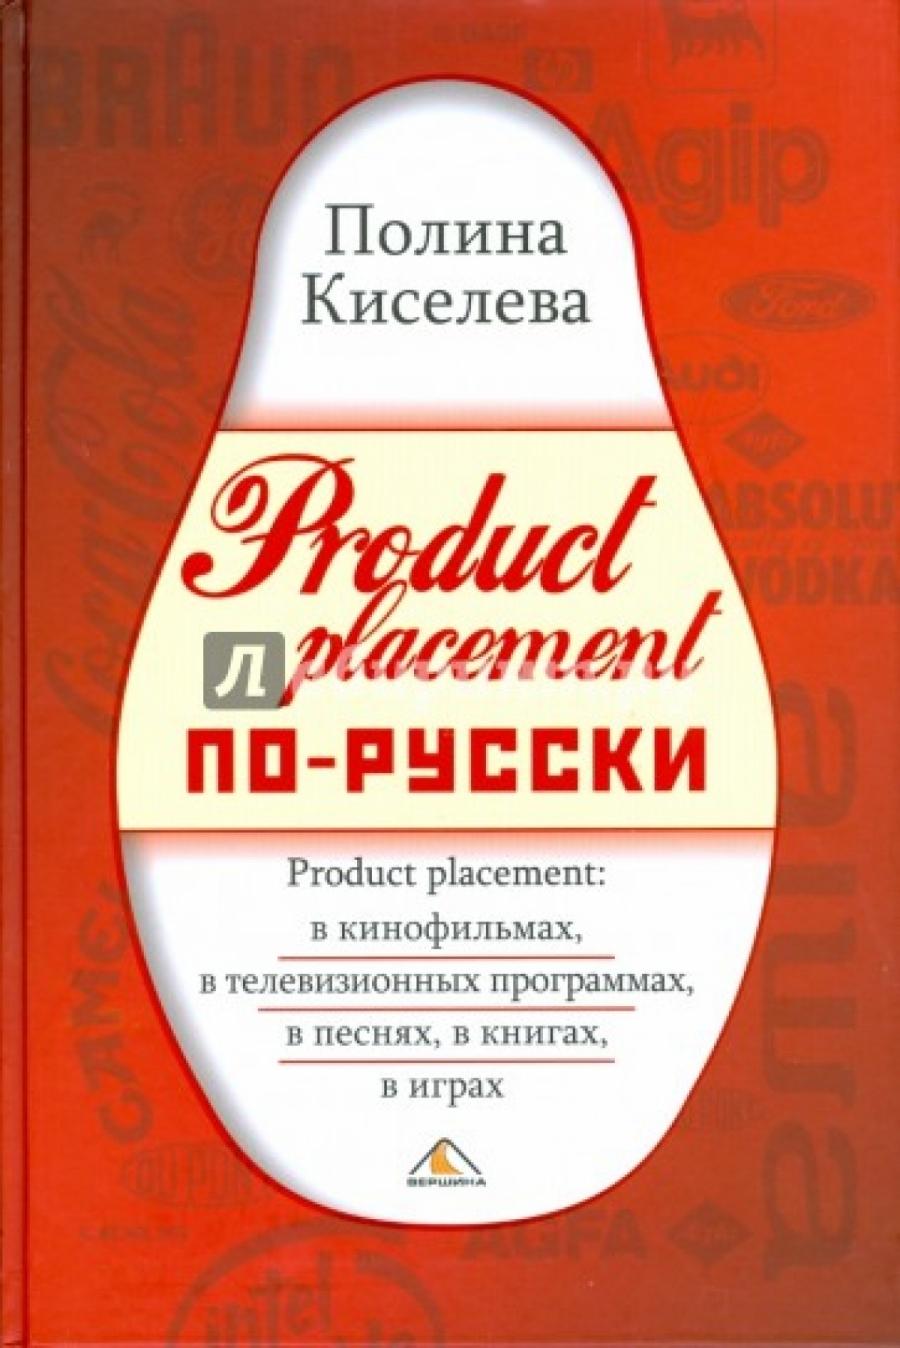 Обложка книги:  киселева п. а. - product placement по-русски